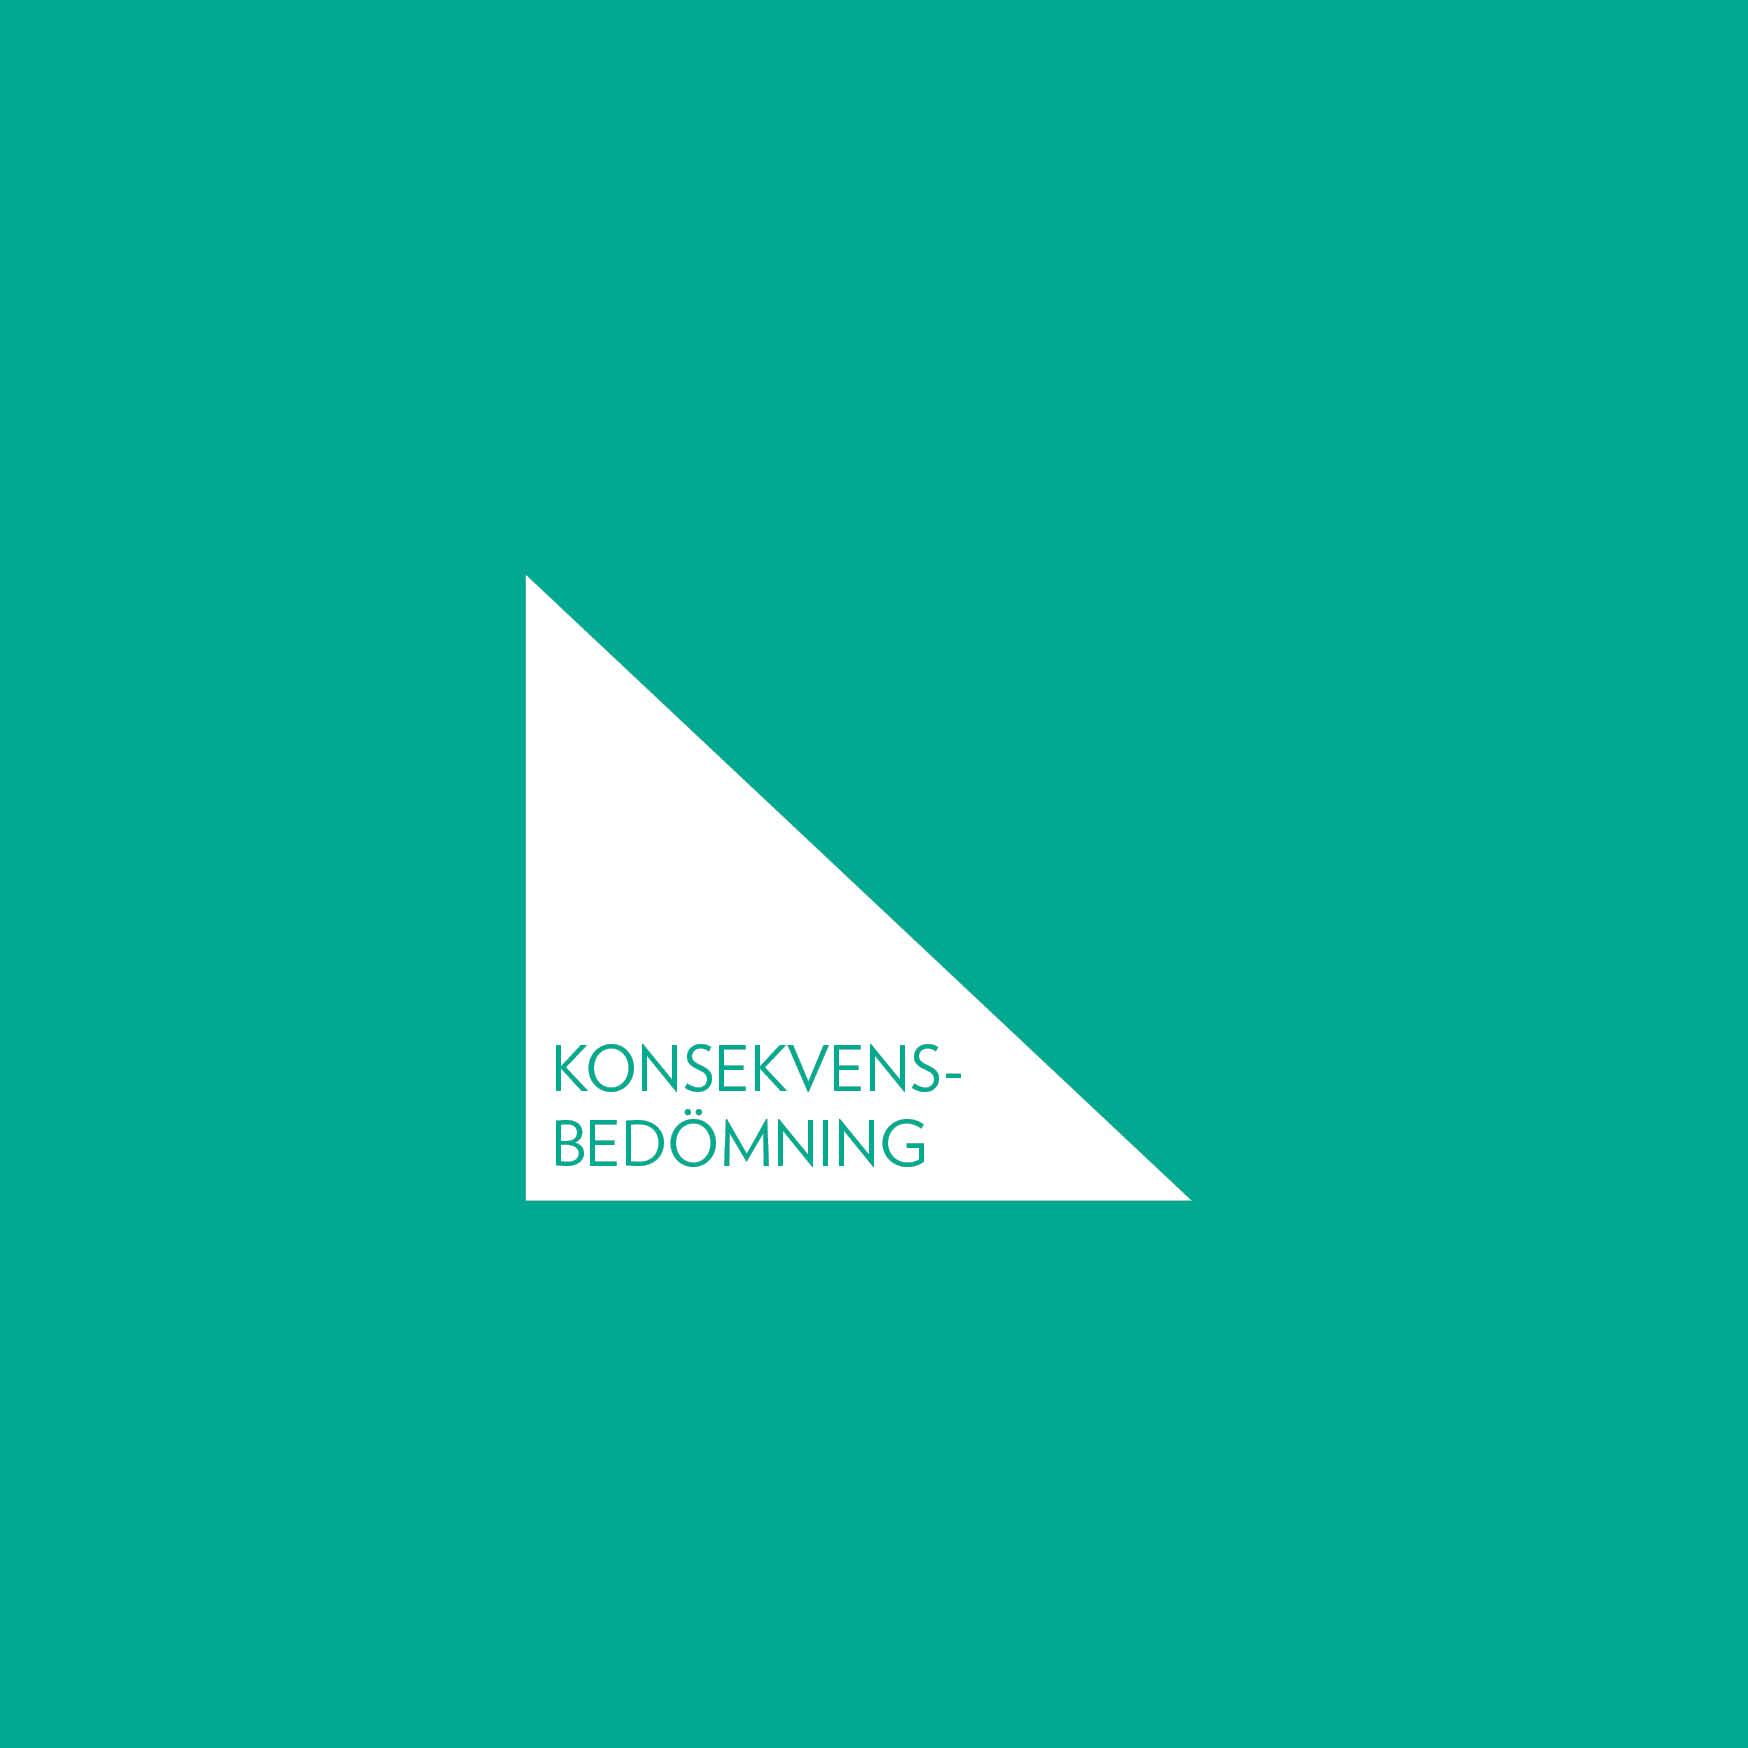 konsekv_12-insikter-för-en-socialt-hållbar-planering_160620-web